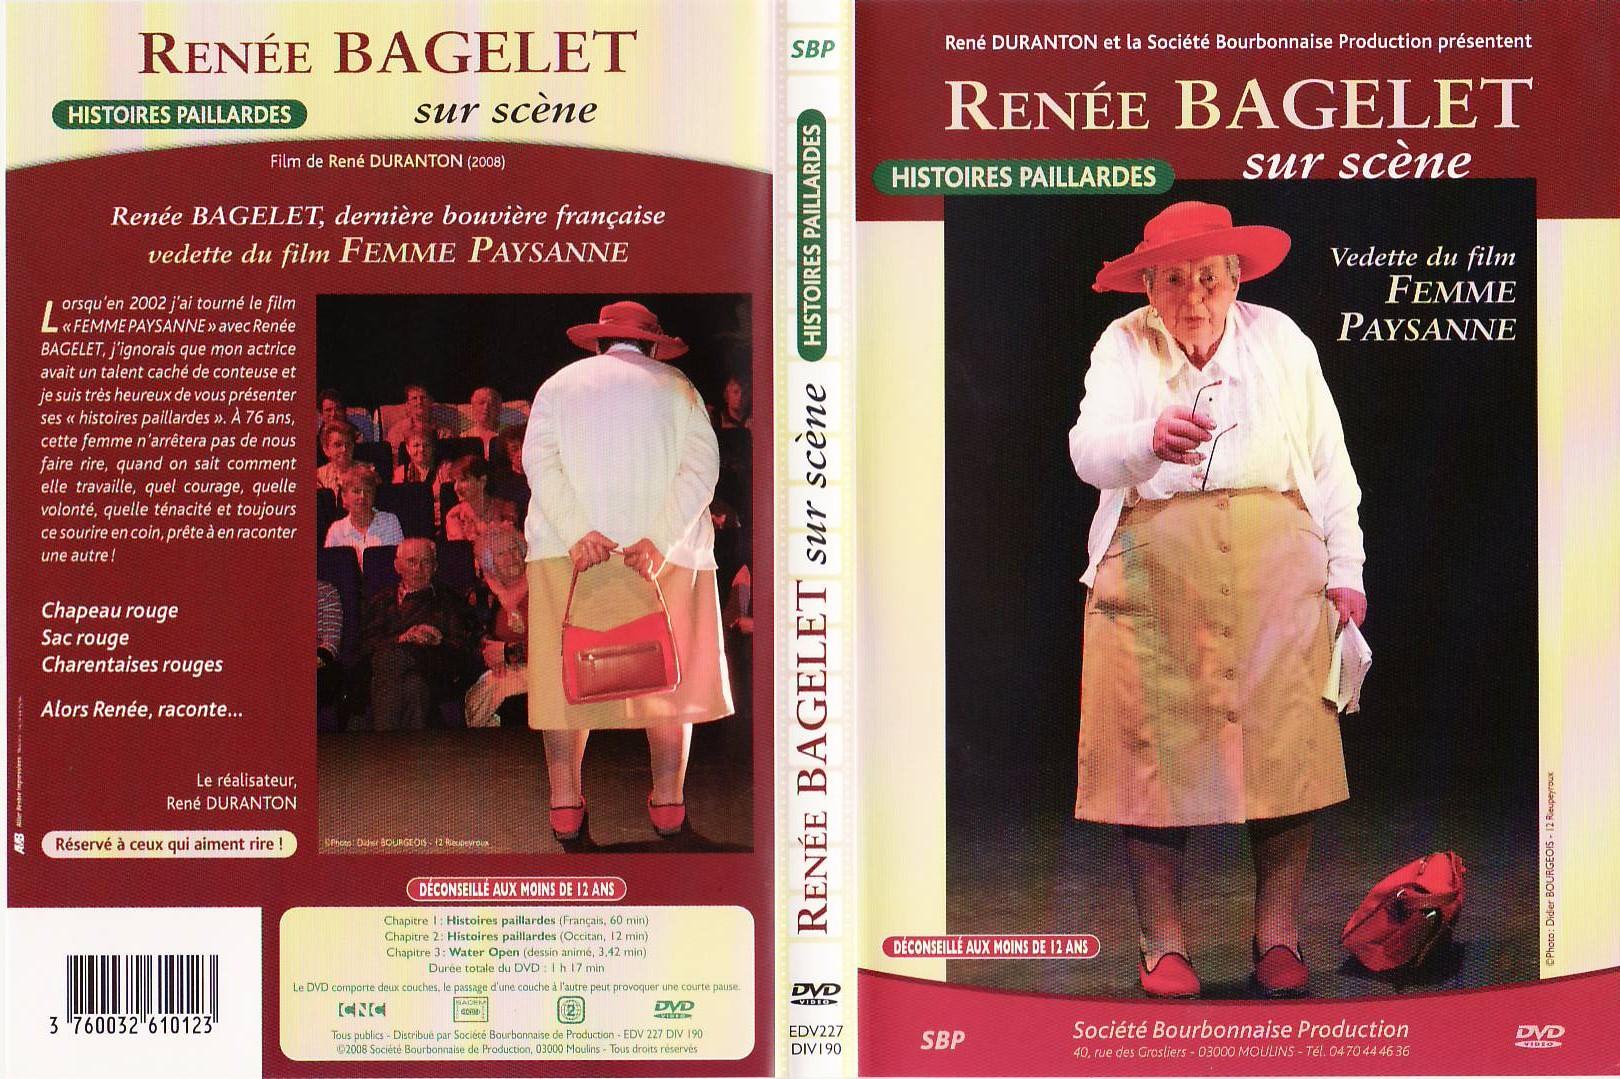 DVD_Renee-Bagelet